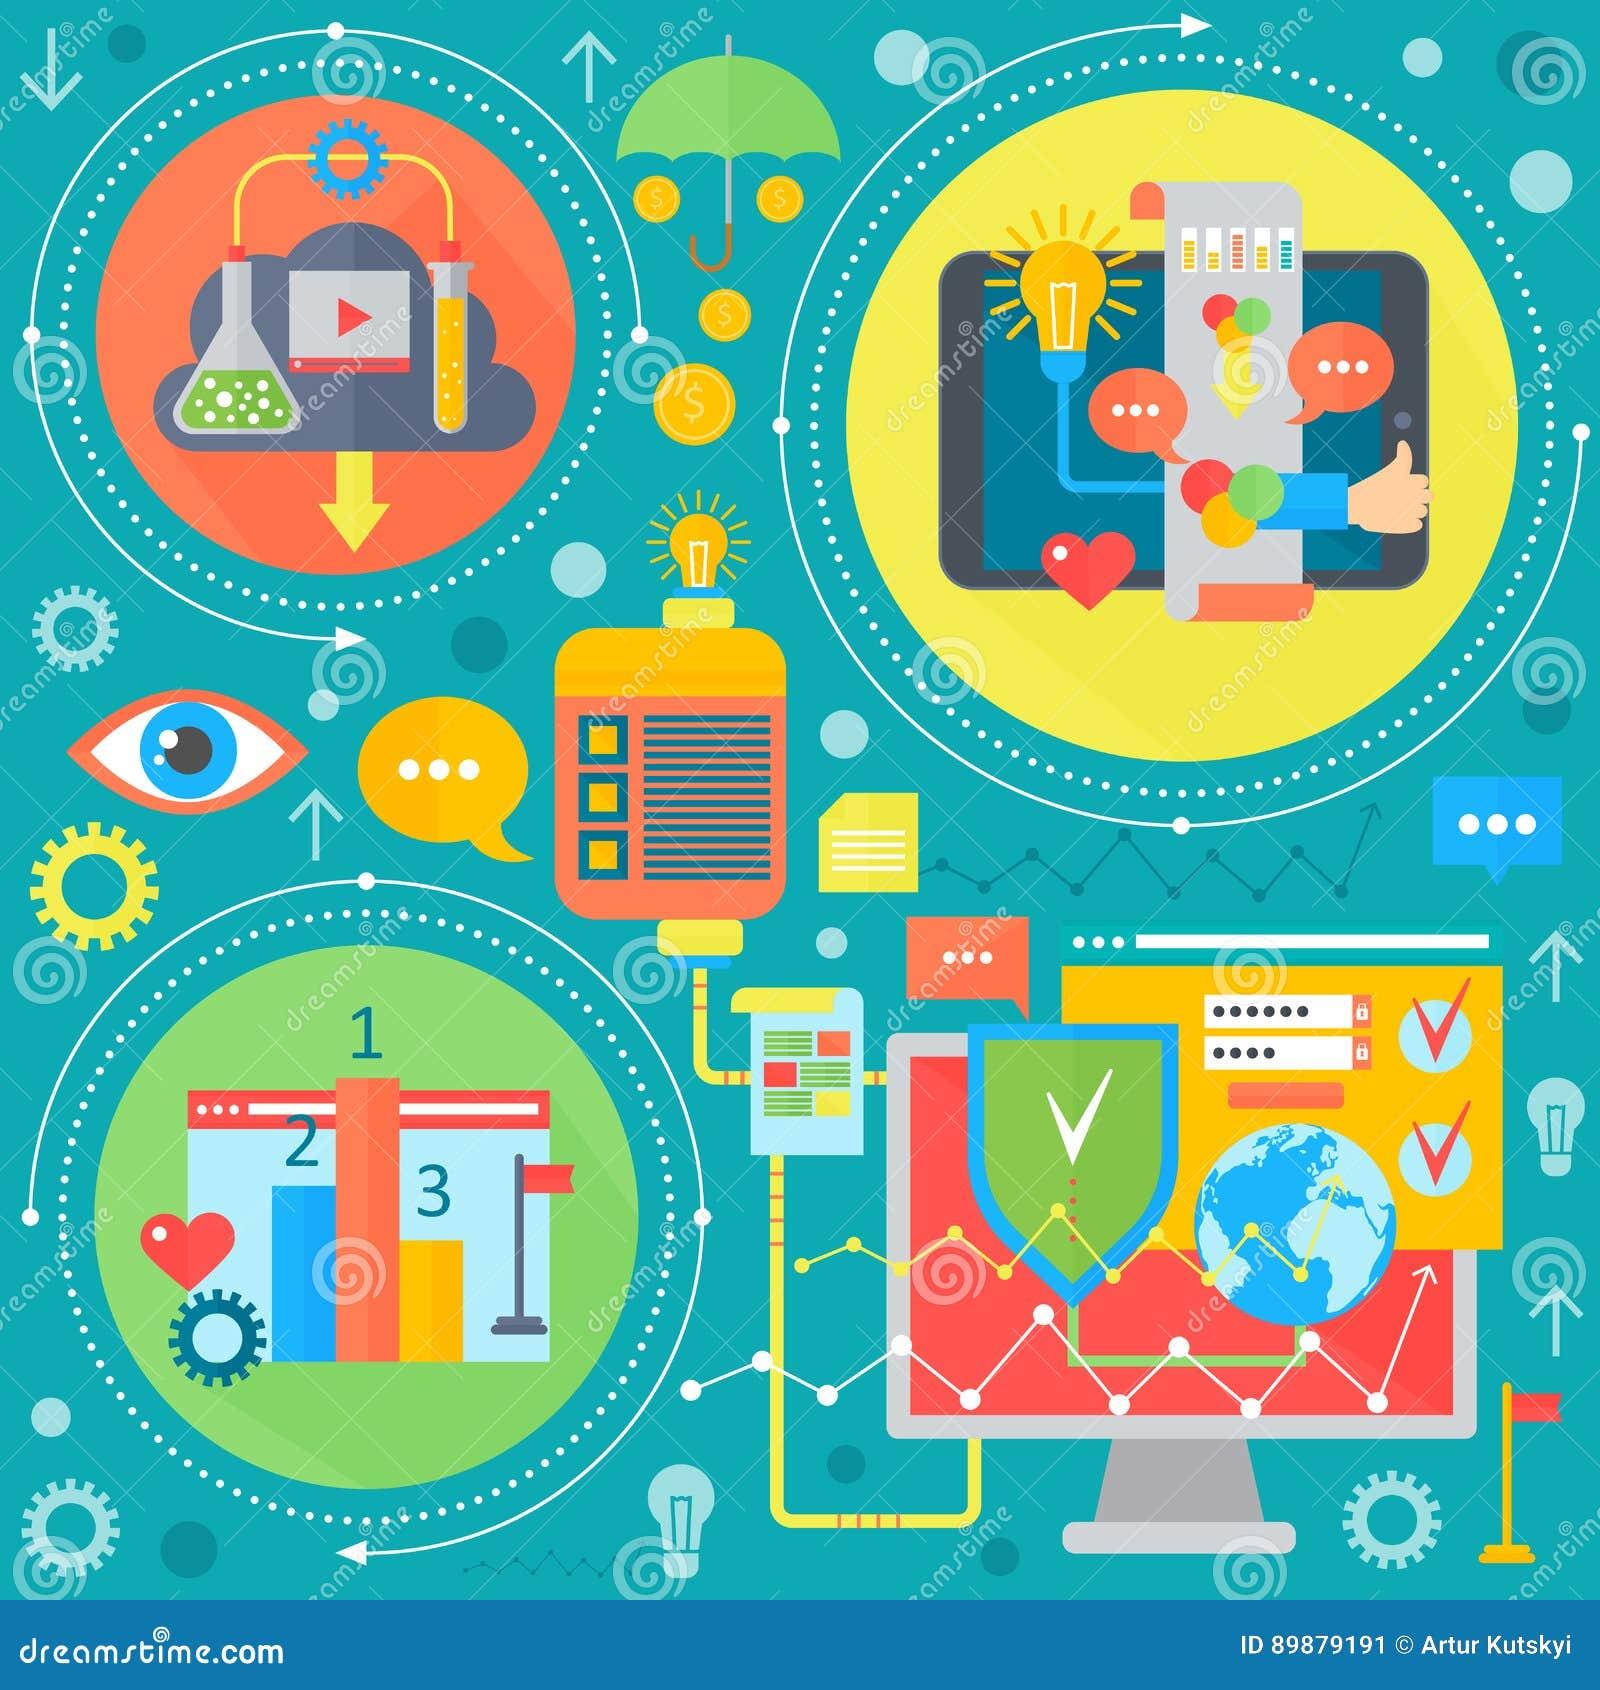 Σχέδιο Ιστού και κινητή έννοια τηλεφωνικών υπηρεσιών apps οριζόντια Εικονίδια για το σχέδιο Ιστού, ανάπτυξη εφαρμογών Ιστού προγρ